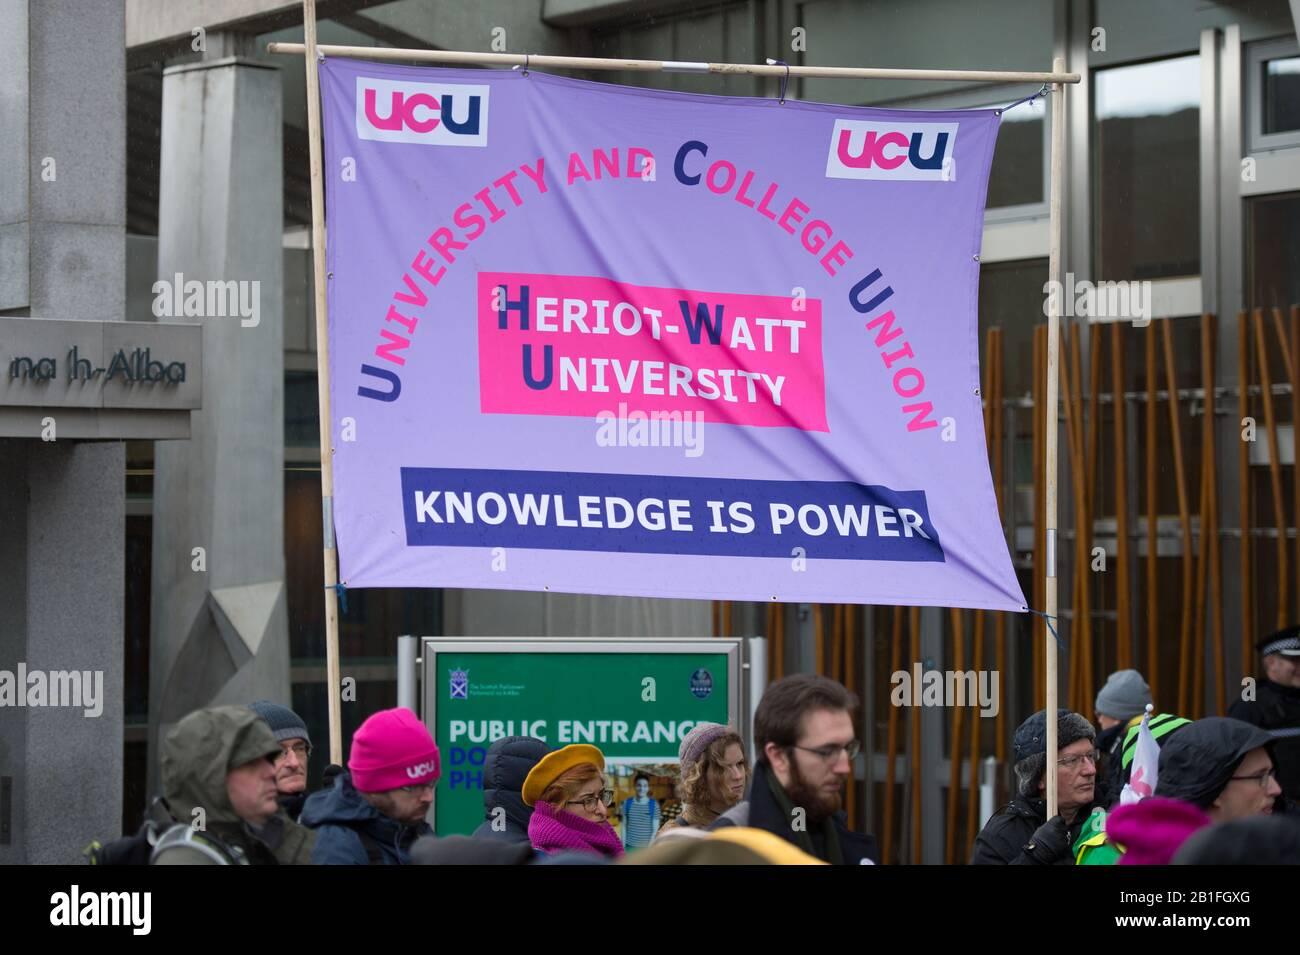 Edimburgo, Reino Unido. 25 de febrero de 2020. En la imagen: Protesta fuera del Parlamento escocés, donde los estudiantes protestan contra las draconianas medidas aplicadas por las universidades sobre la remuneración de la educación superior, las pensiones y las condiciones de trabajo. Crédito: Colin Fisher/Alamy Live News Foto de stock